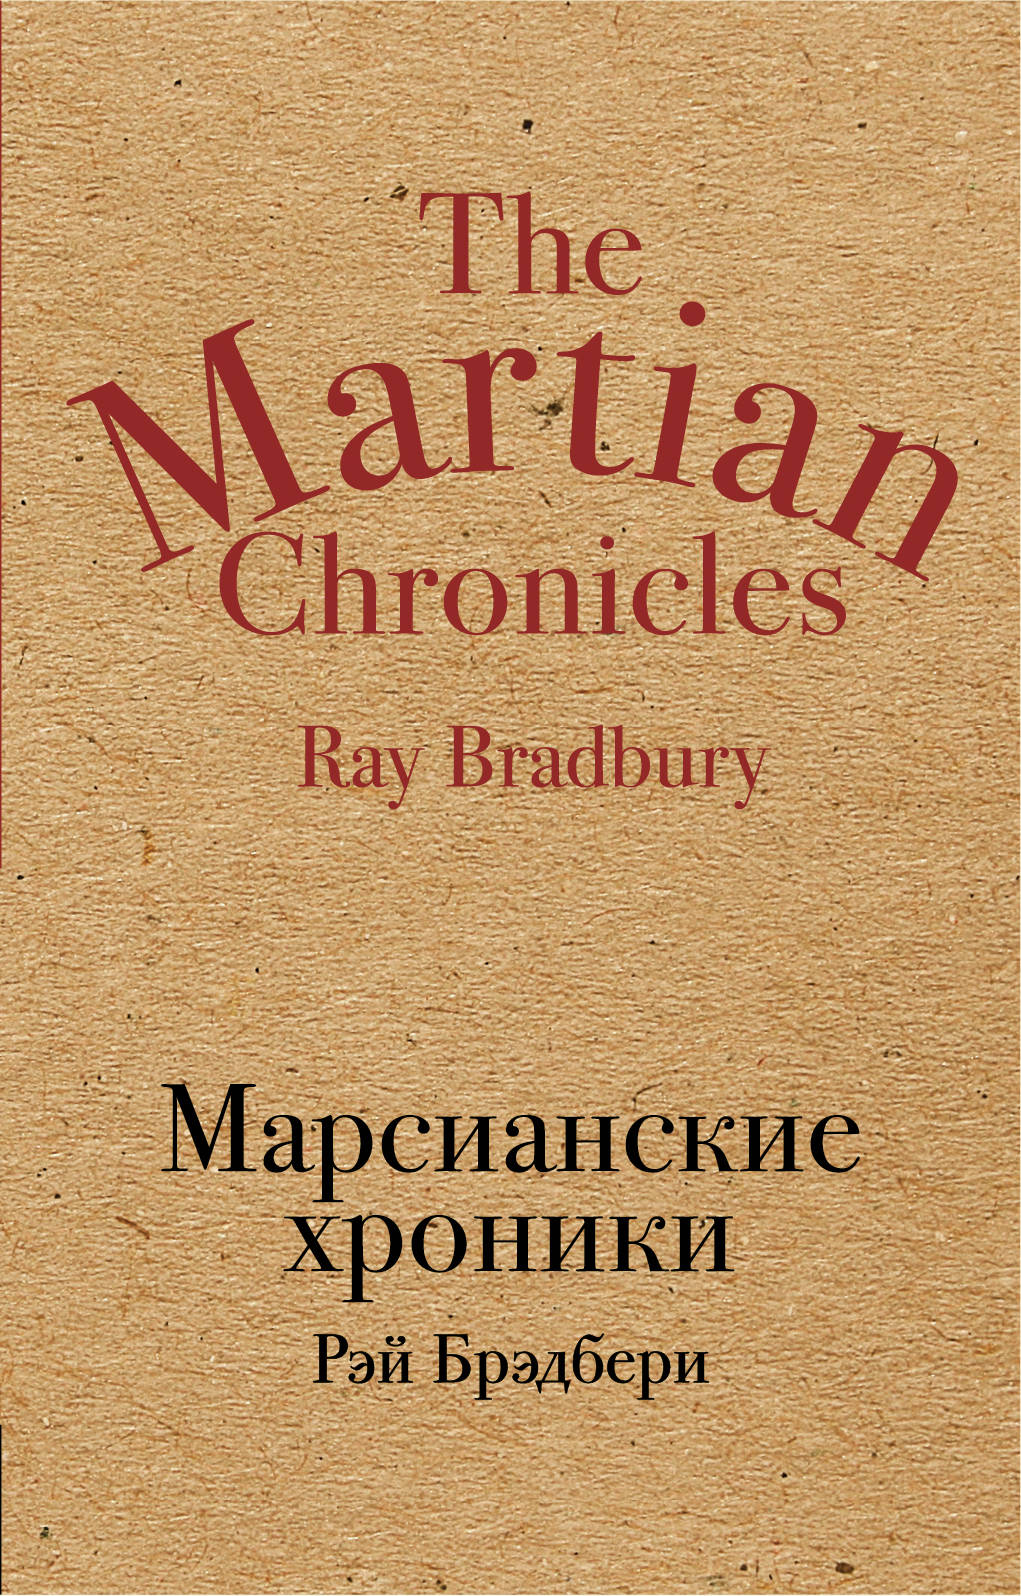 Марсианские хроники, Брэдбери Рэй